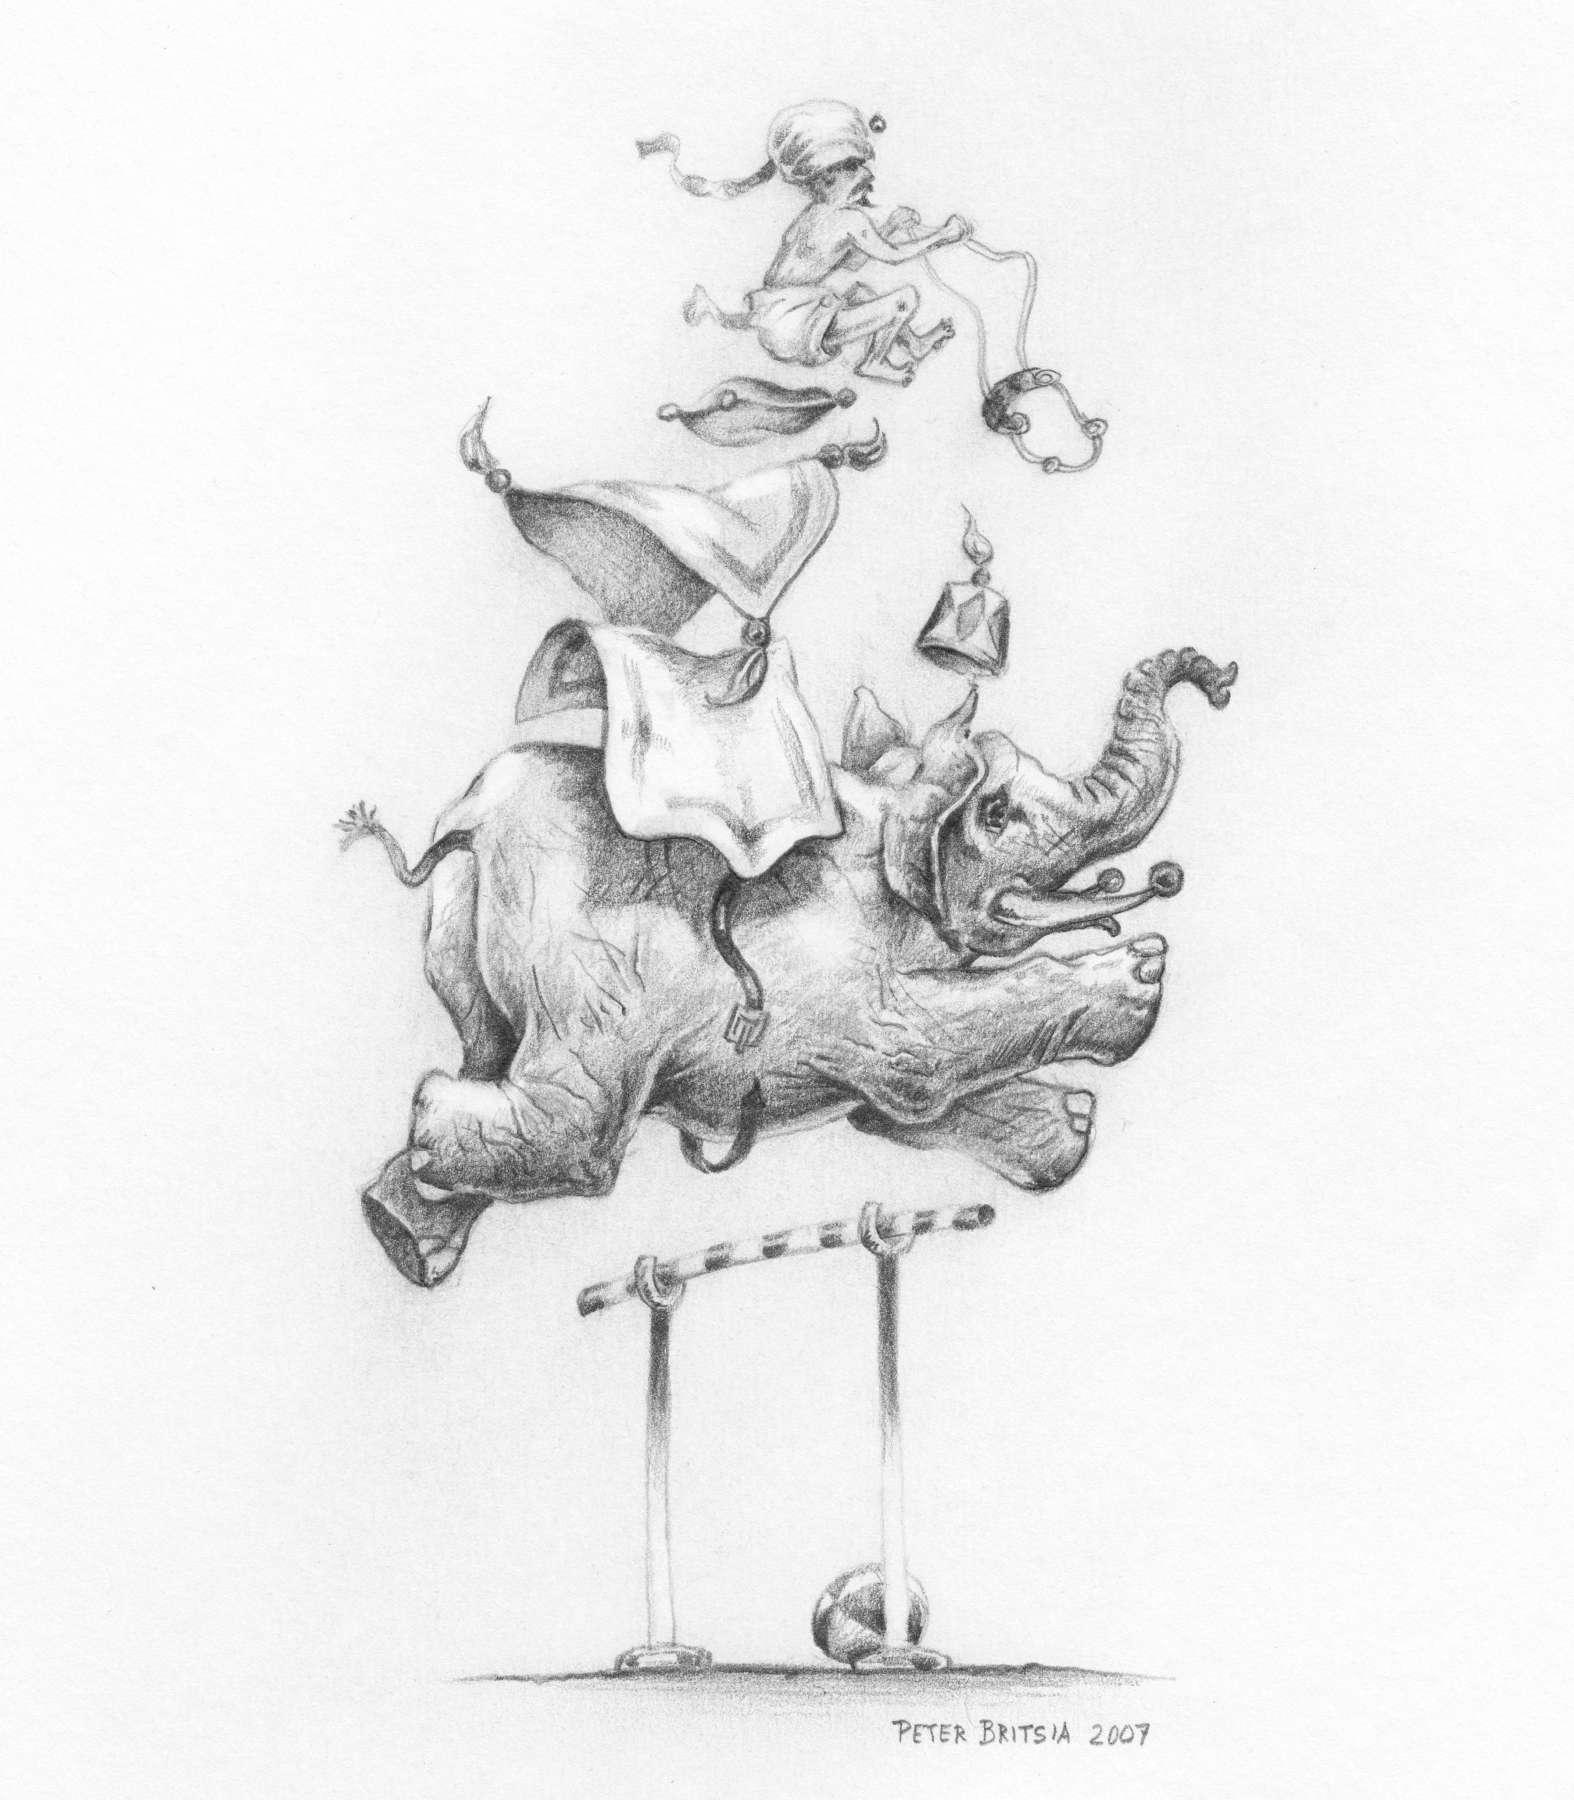 Hopla - potloodtekening<br>De gedresseerde olifant en zijn Indische berijder tarten de zwaartekracht. Dat gaat niet zomaar in één keer goed.